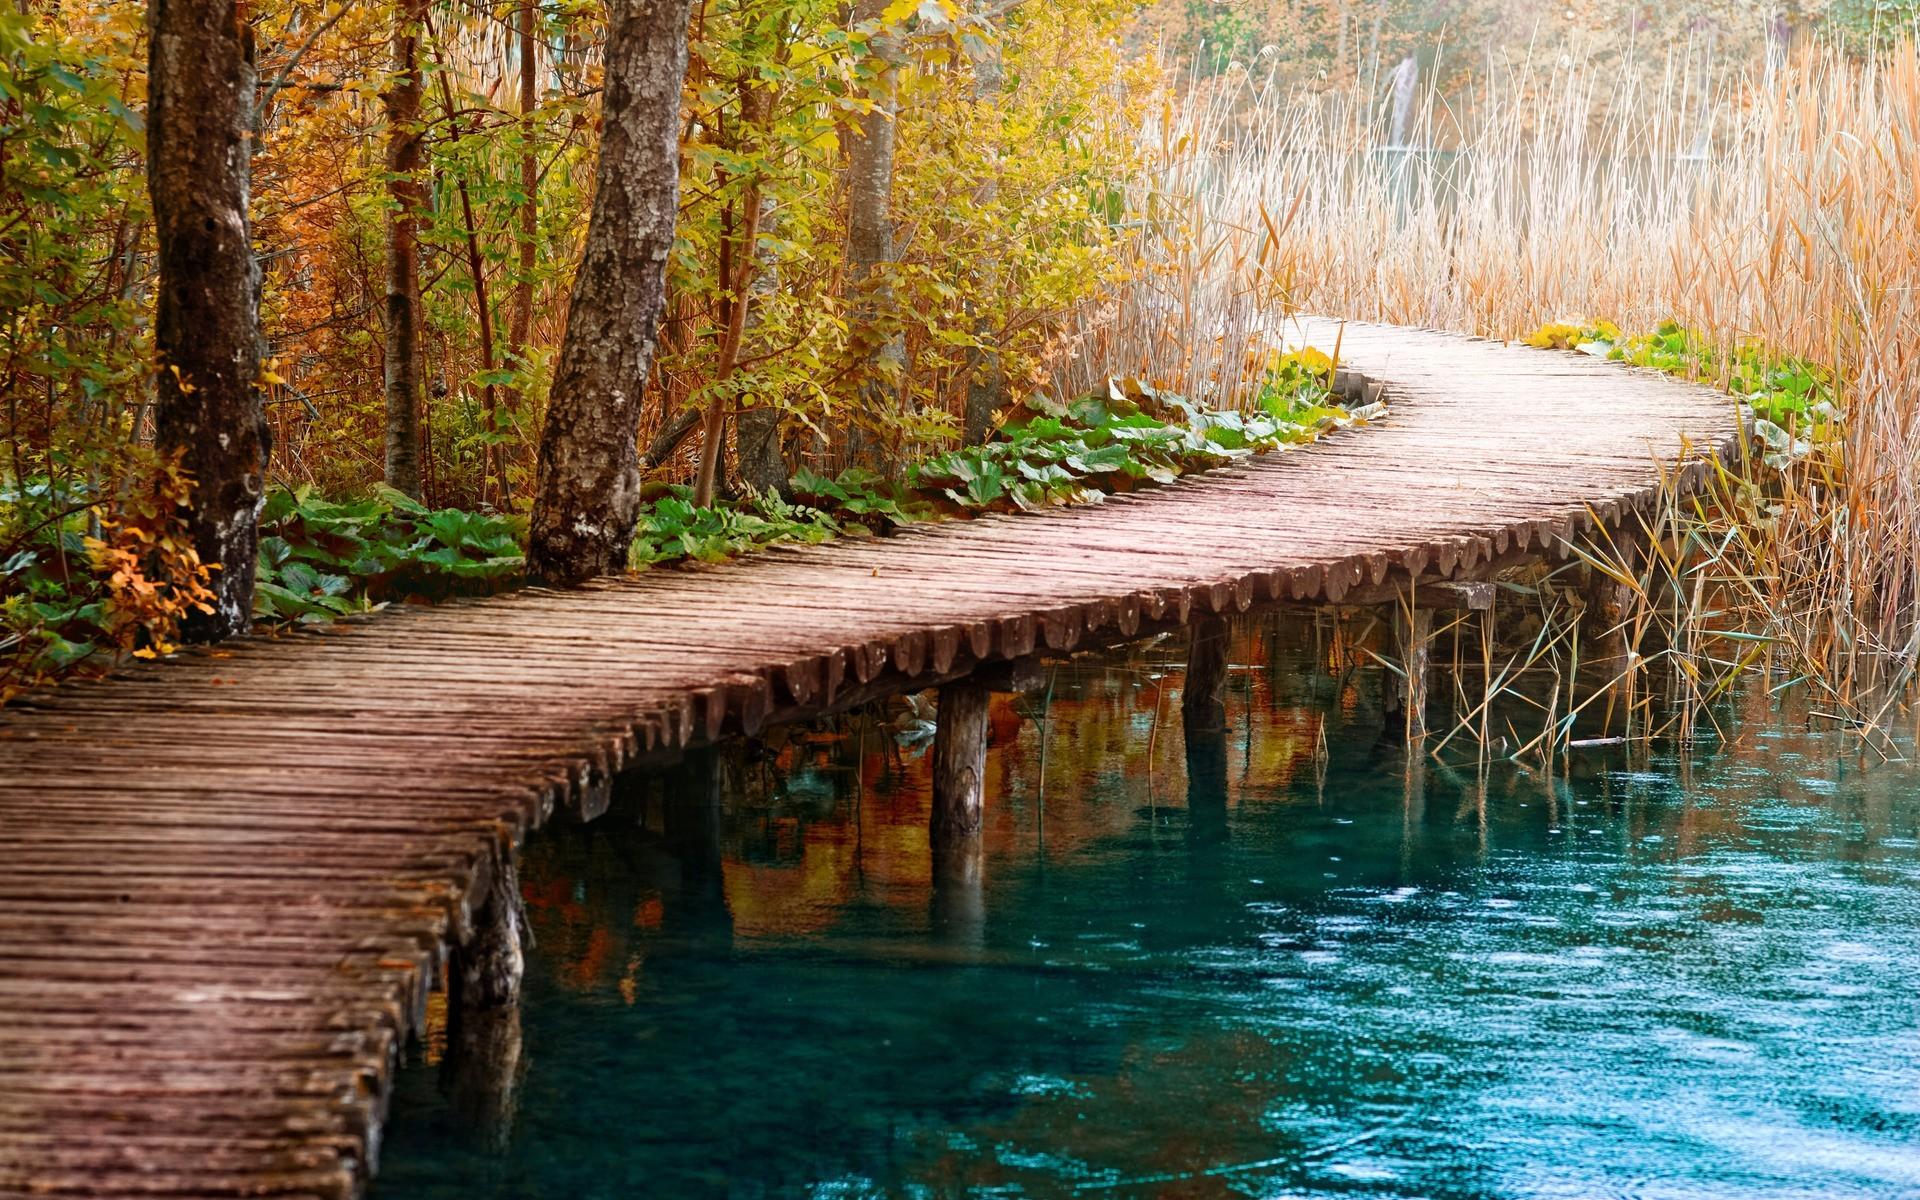 лес речка дорога фото